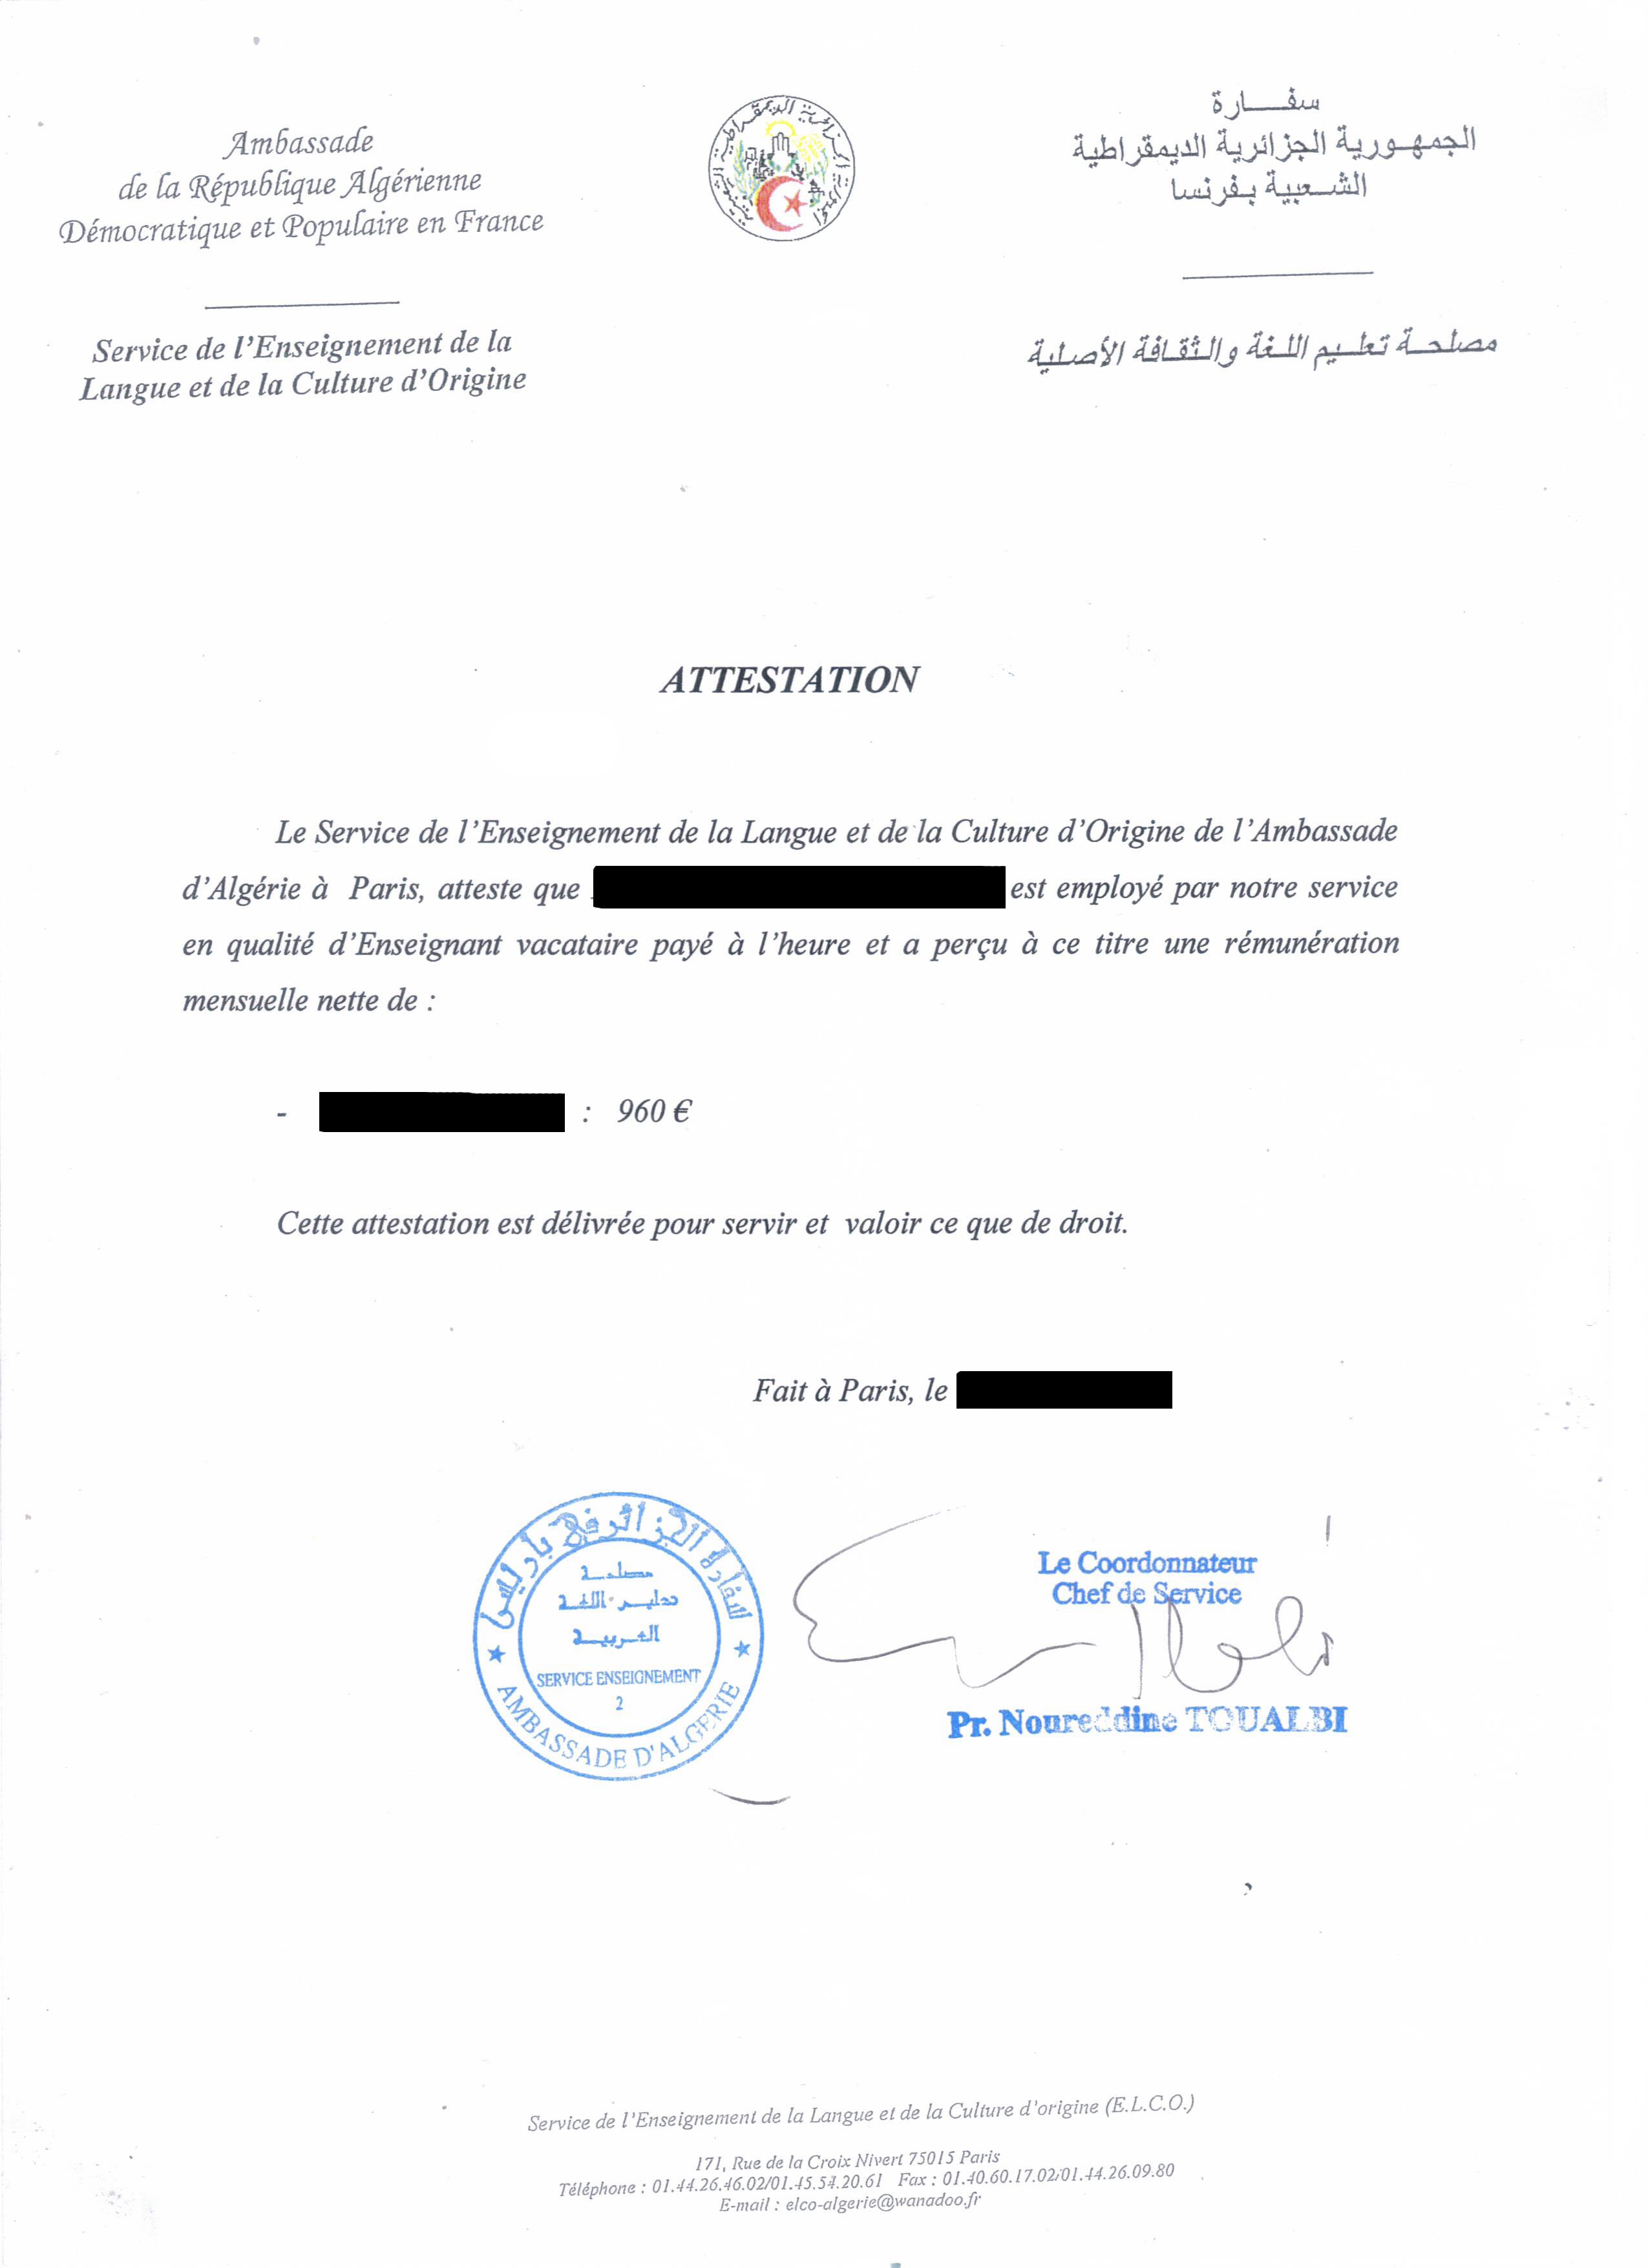 Pres De 400 Personnes Employees Illegalement Par L Ambassade D